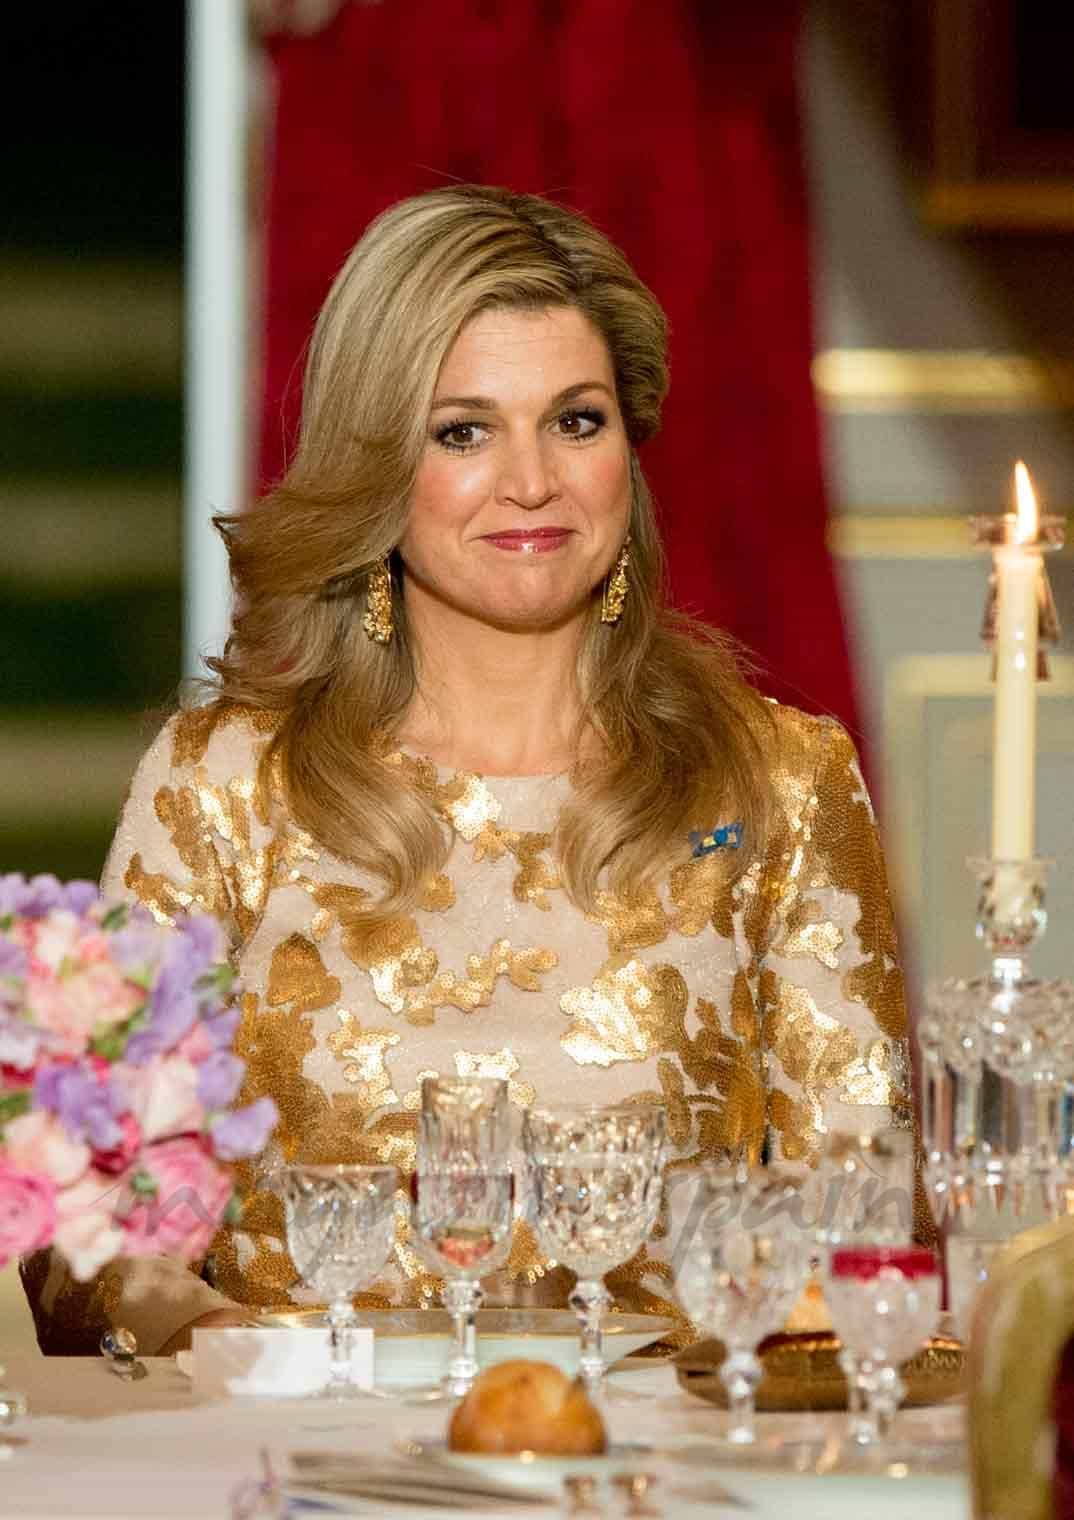 La reina Máxima de Holanda apoya la apertura de